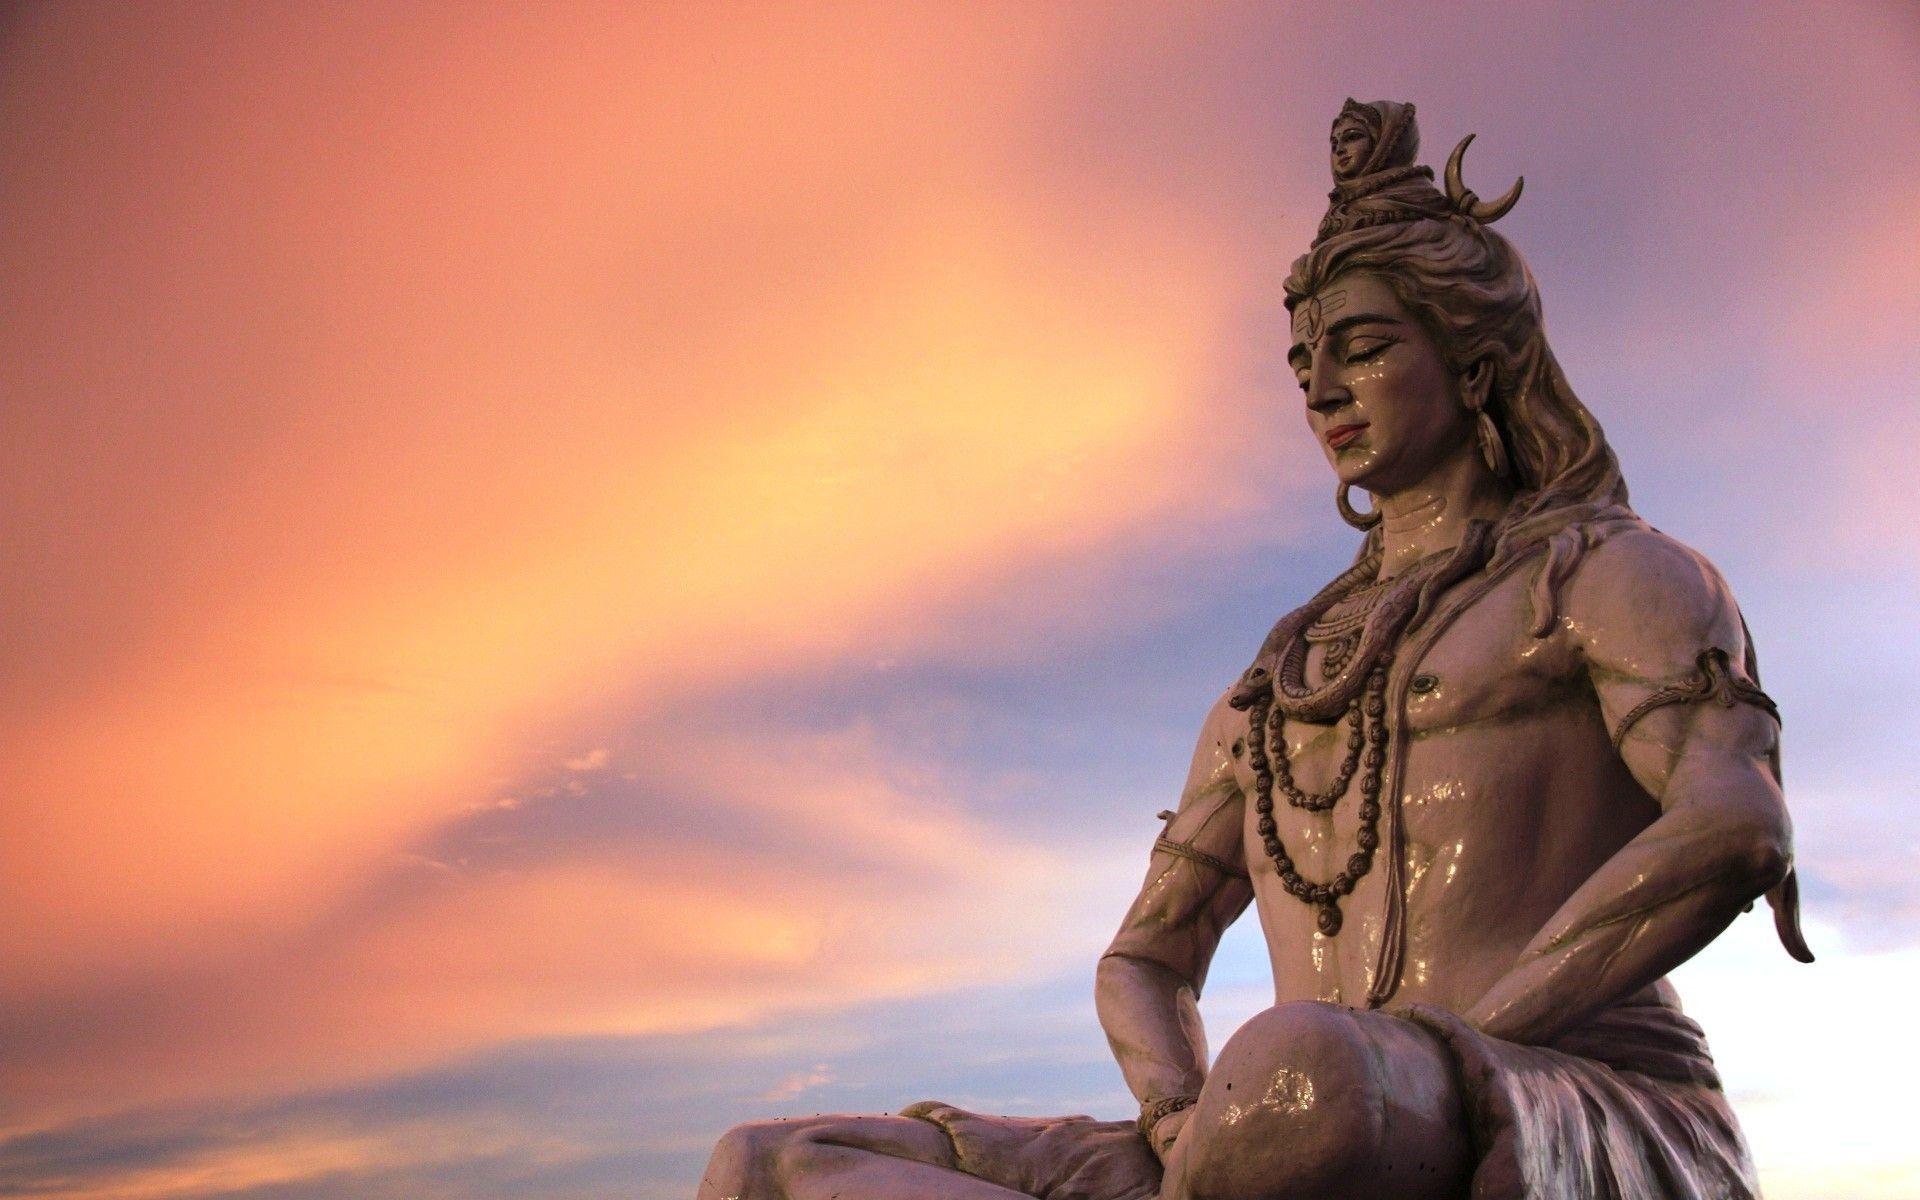 Choosing a Shiva Wallpaper Design